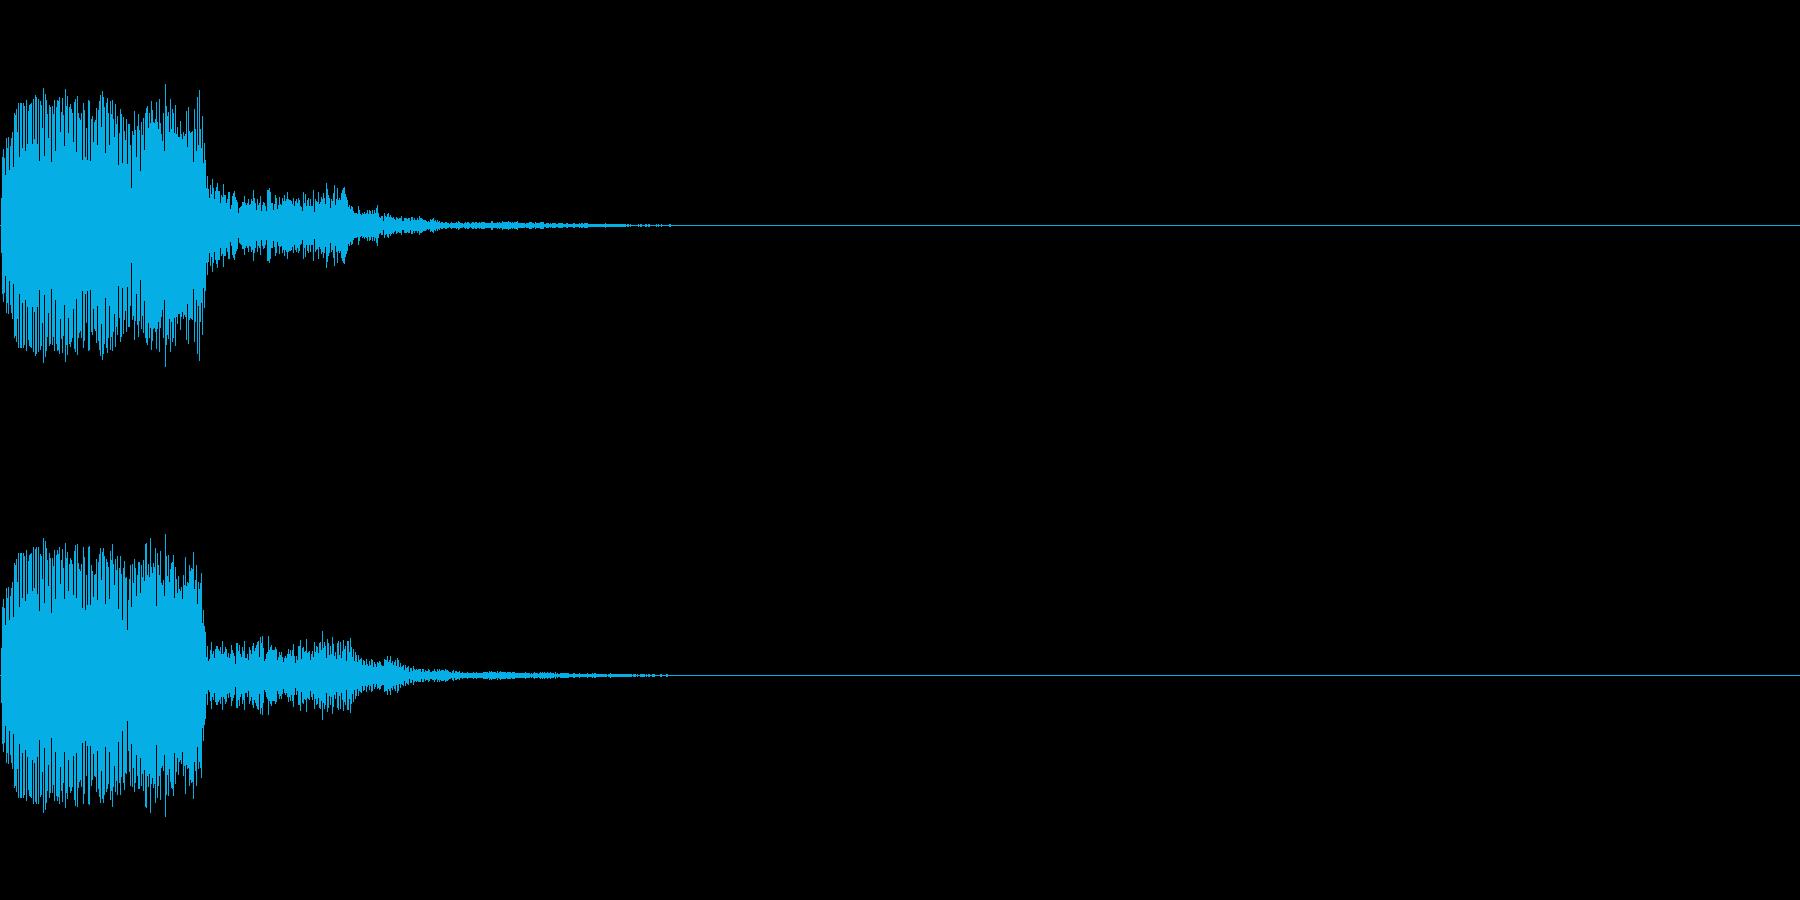 キュイン(ゲーム・アプリ等のセレクト音)の再生済みの波形